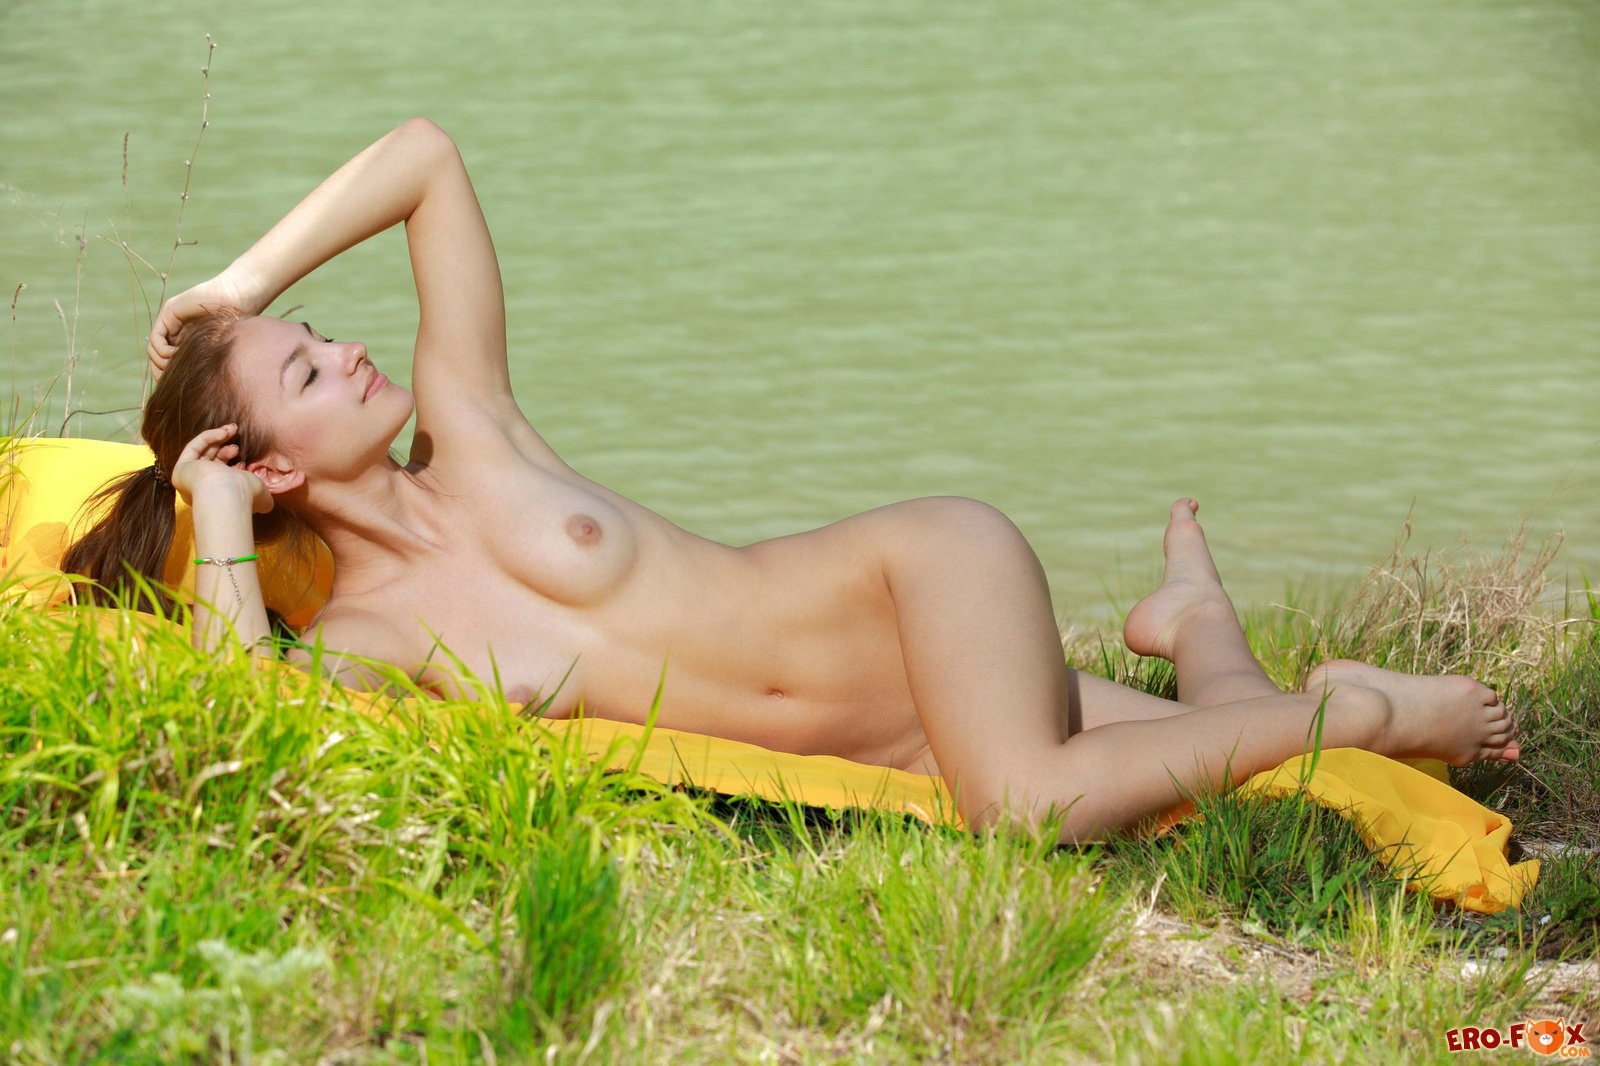 Очень красивая молодая голая девушка